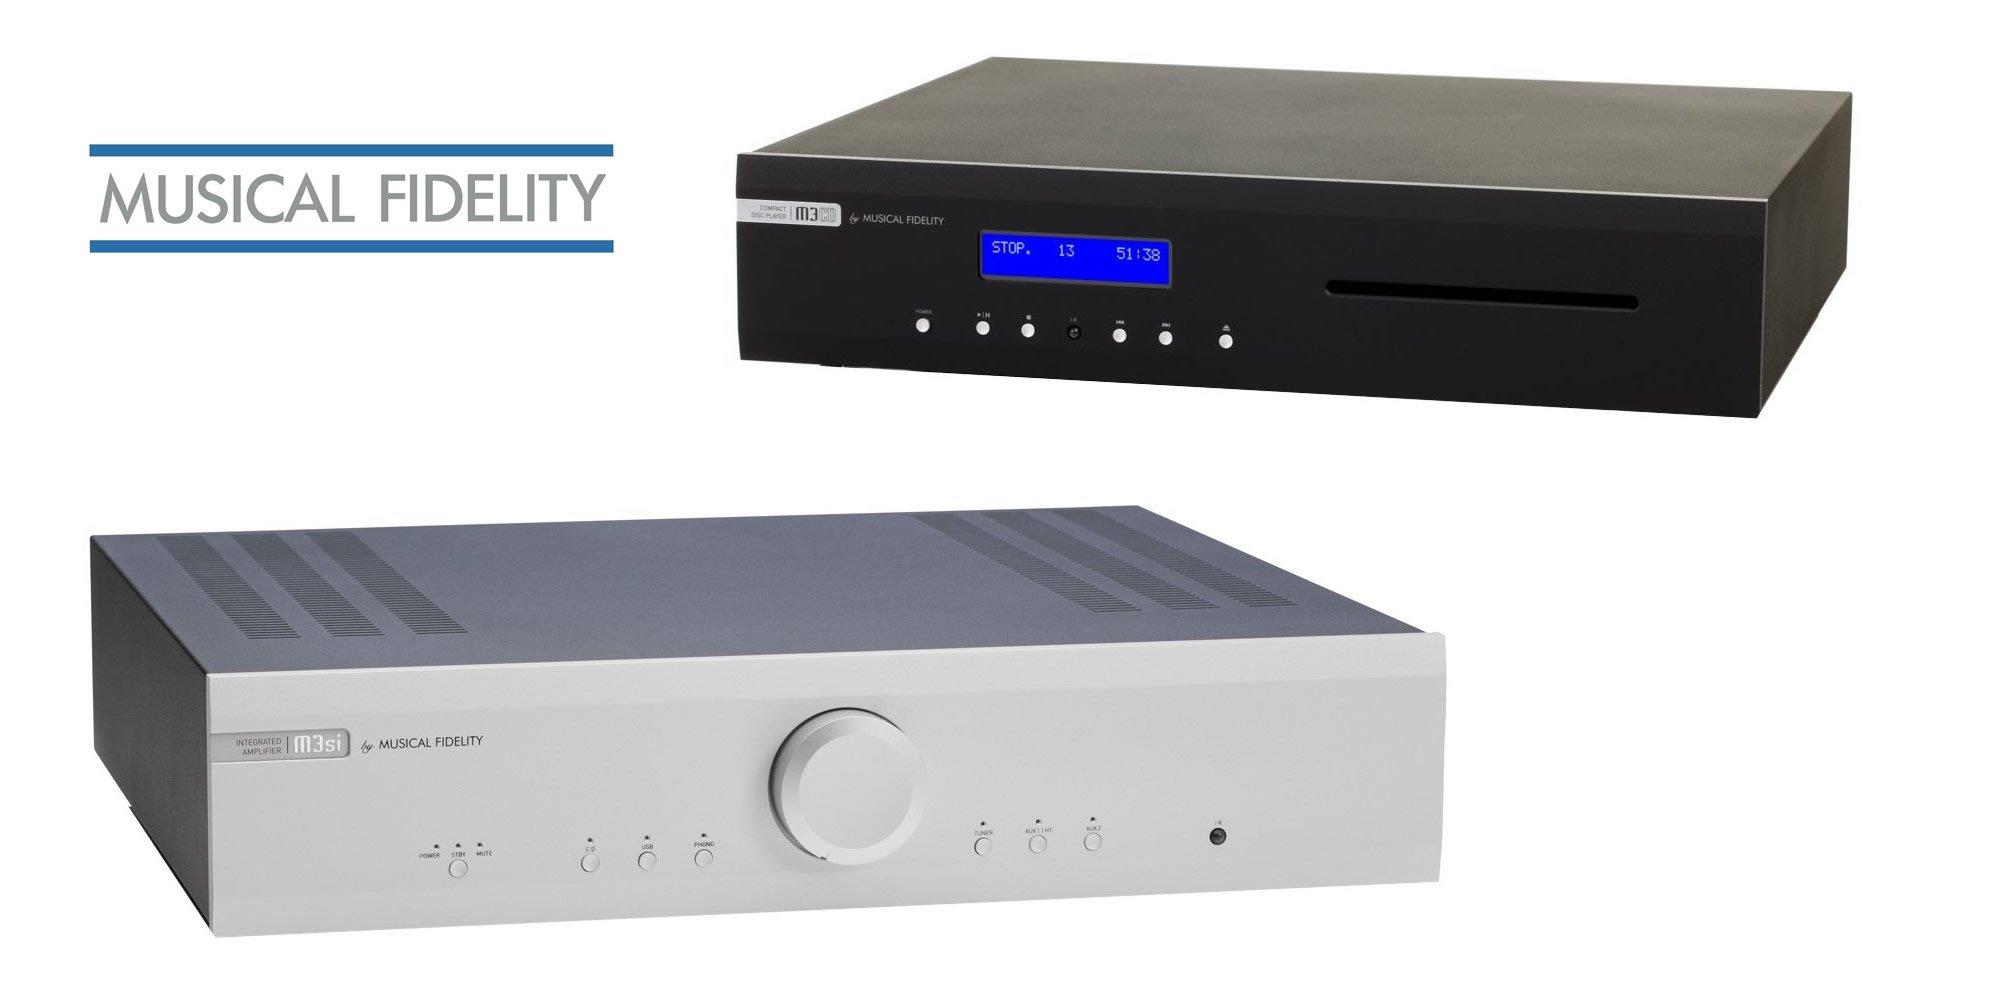 Den Musical Fidelity M3si Vollverstärker und M3s CD-Player kauft man beim Akustiktune Hifi Studio